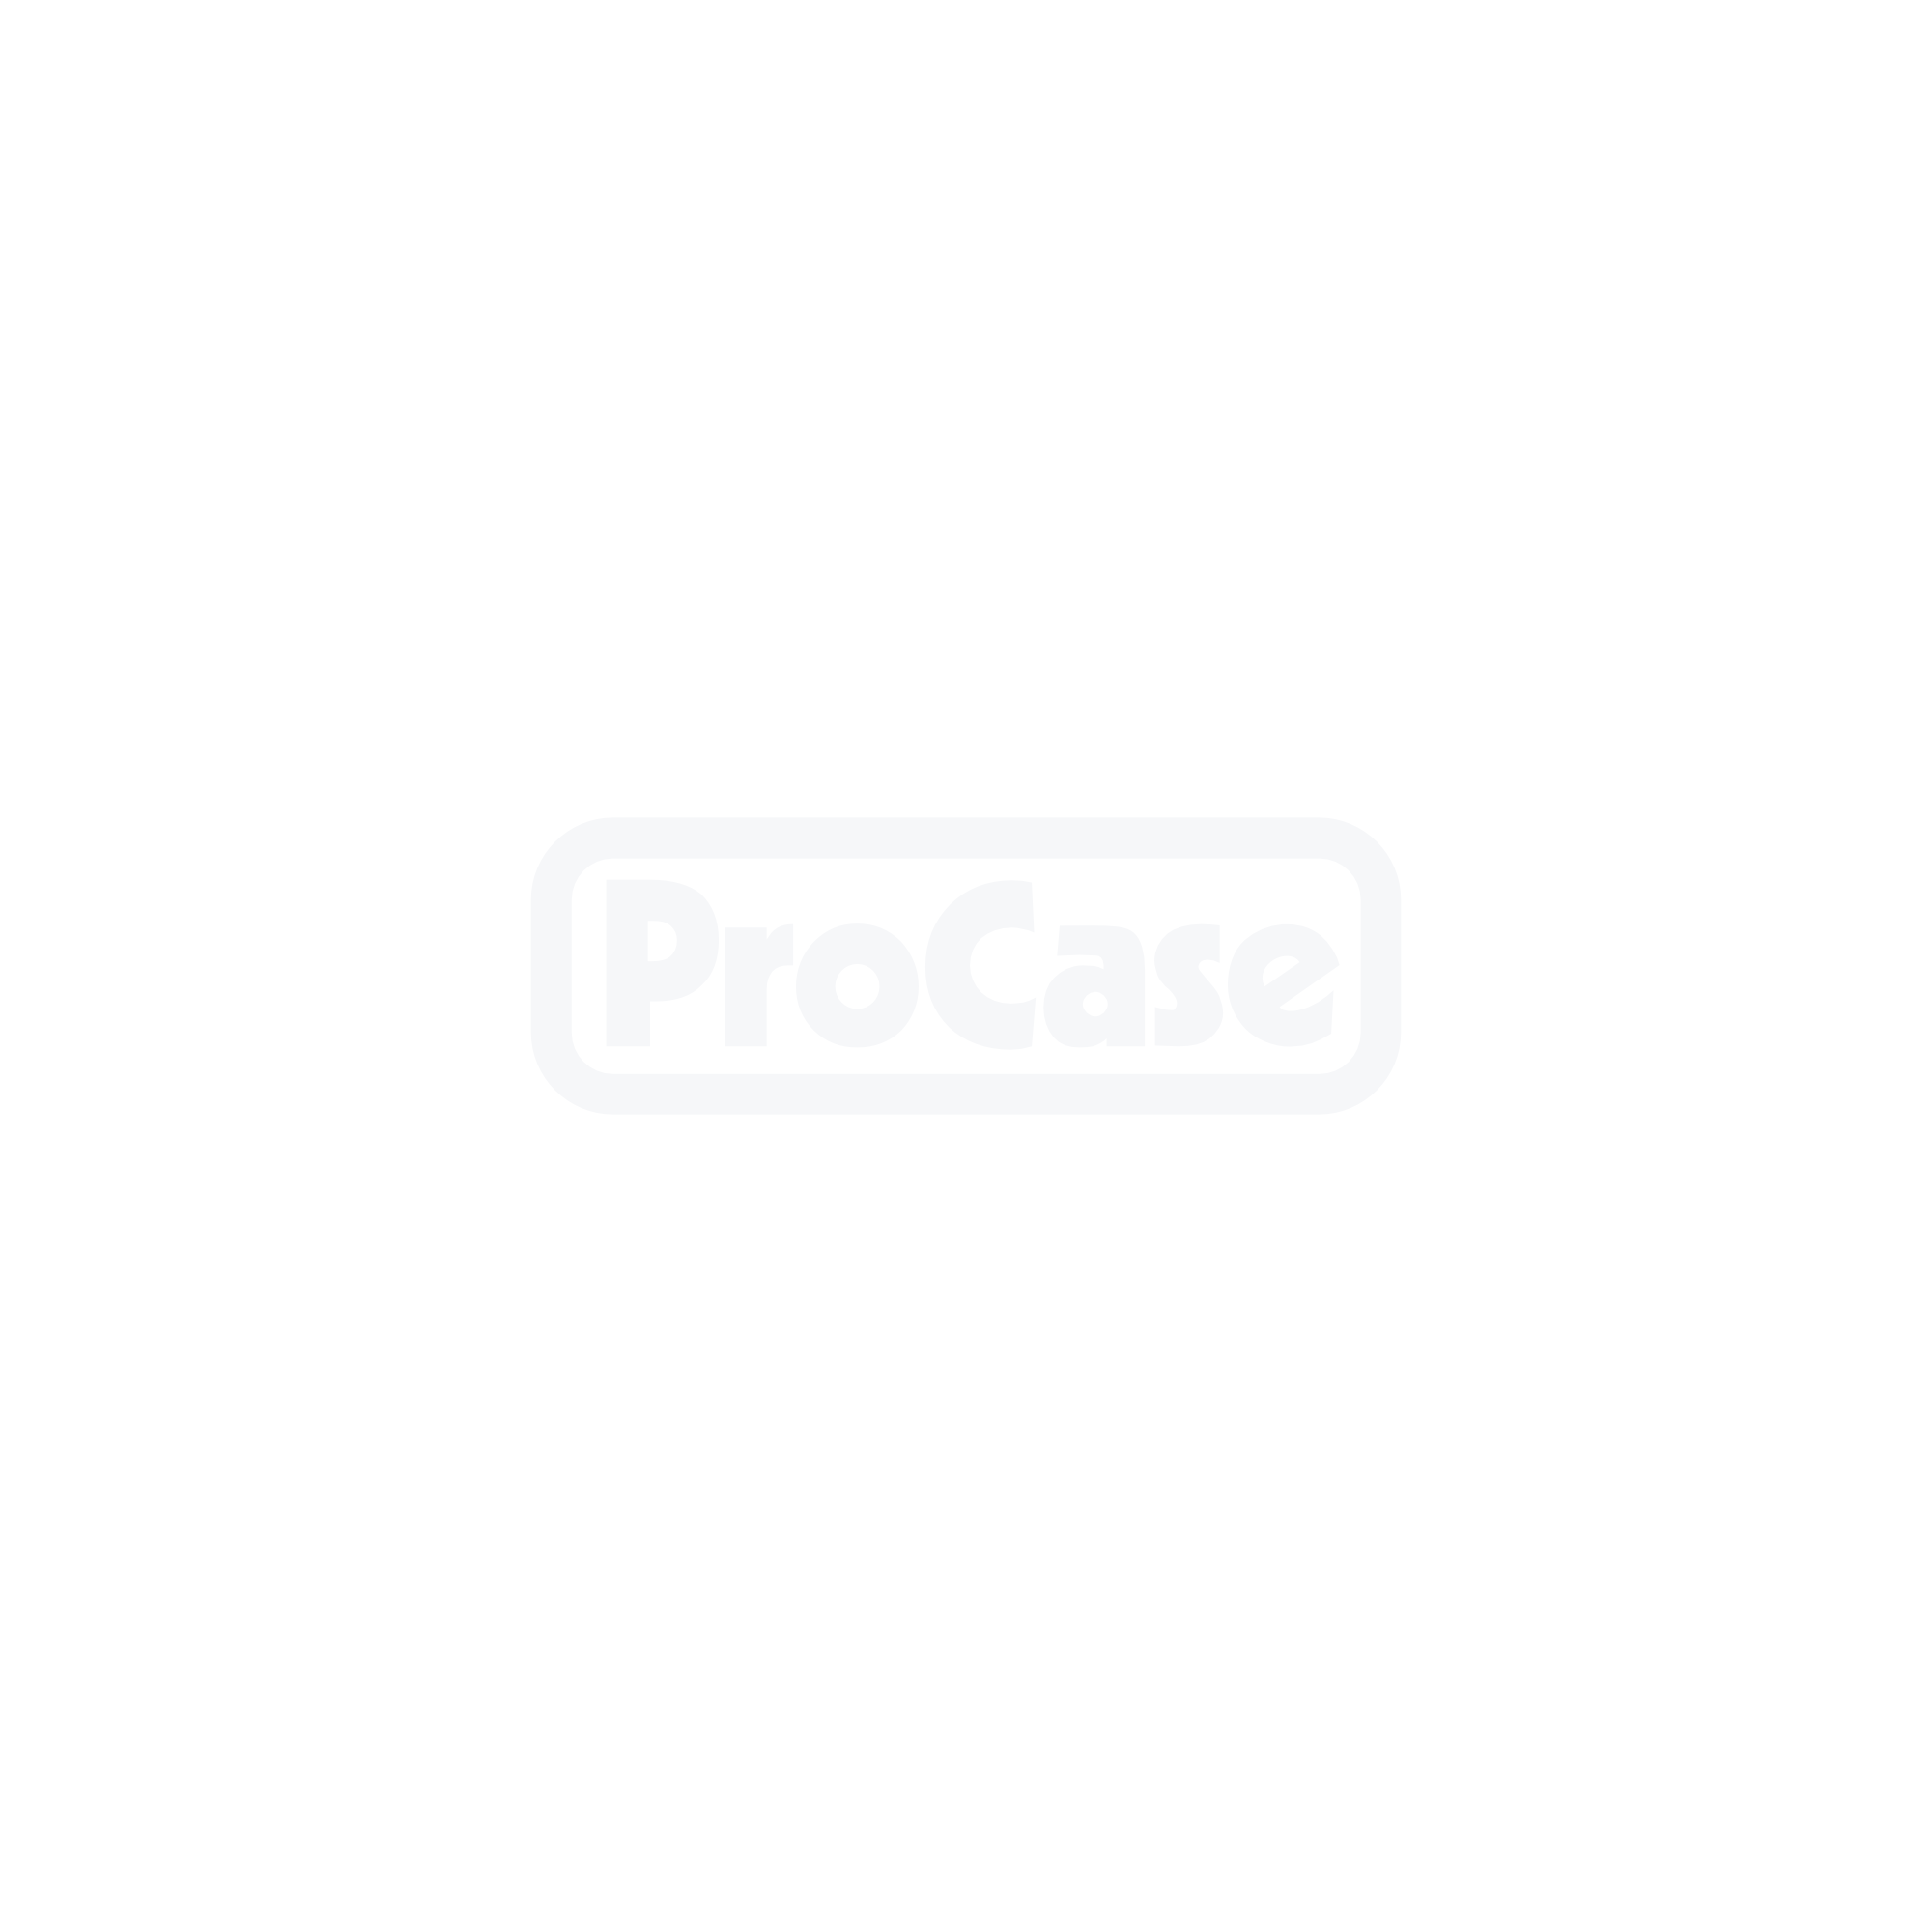 QSD Stack-Rack 3HE 800 tief